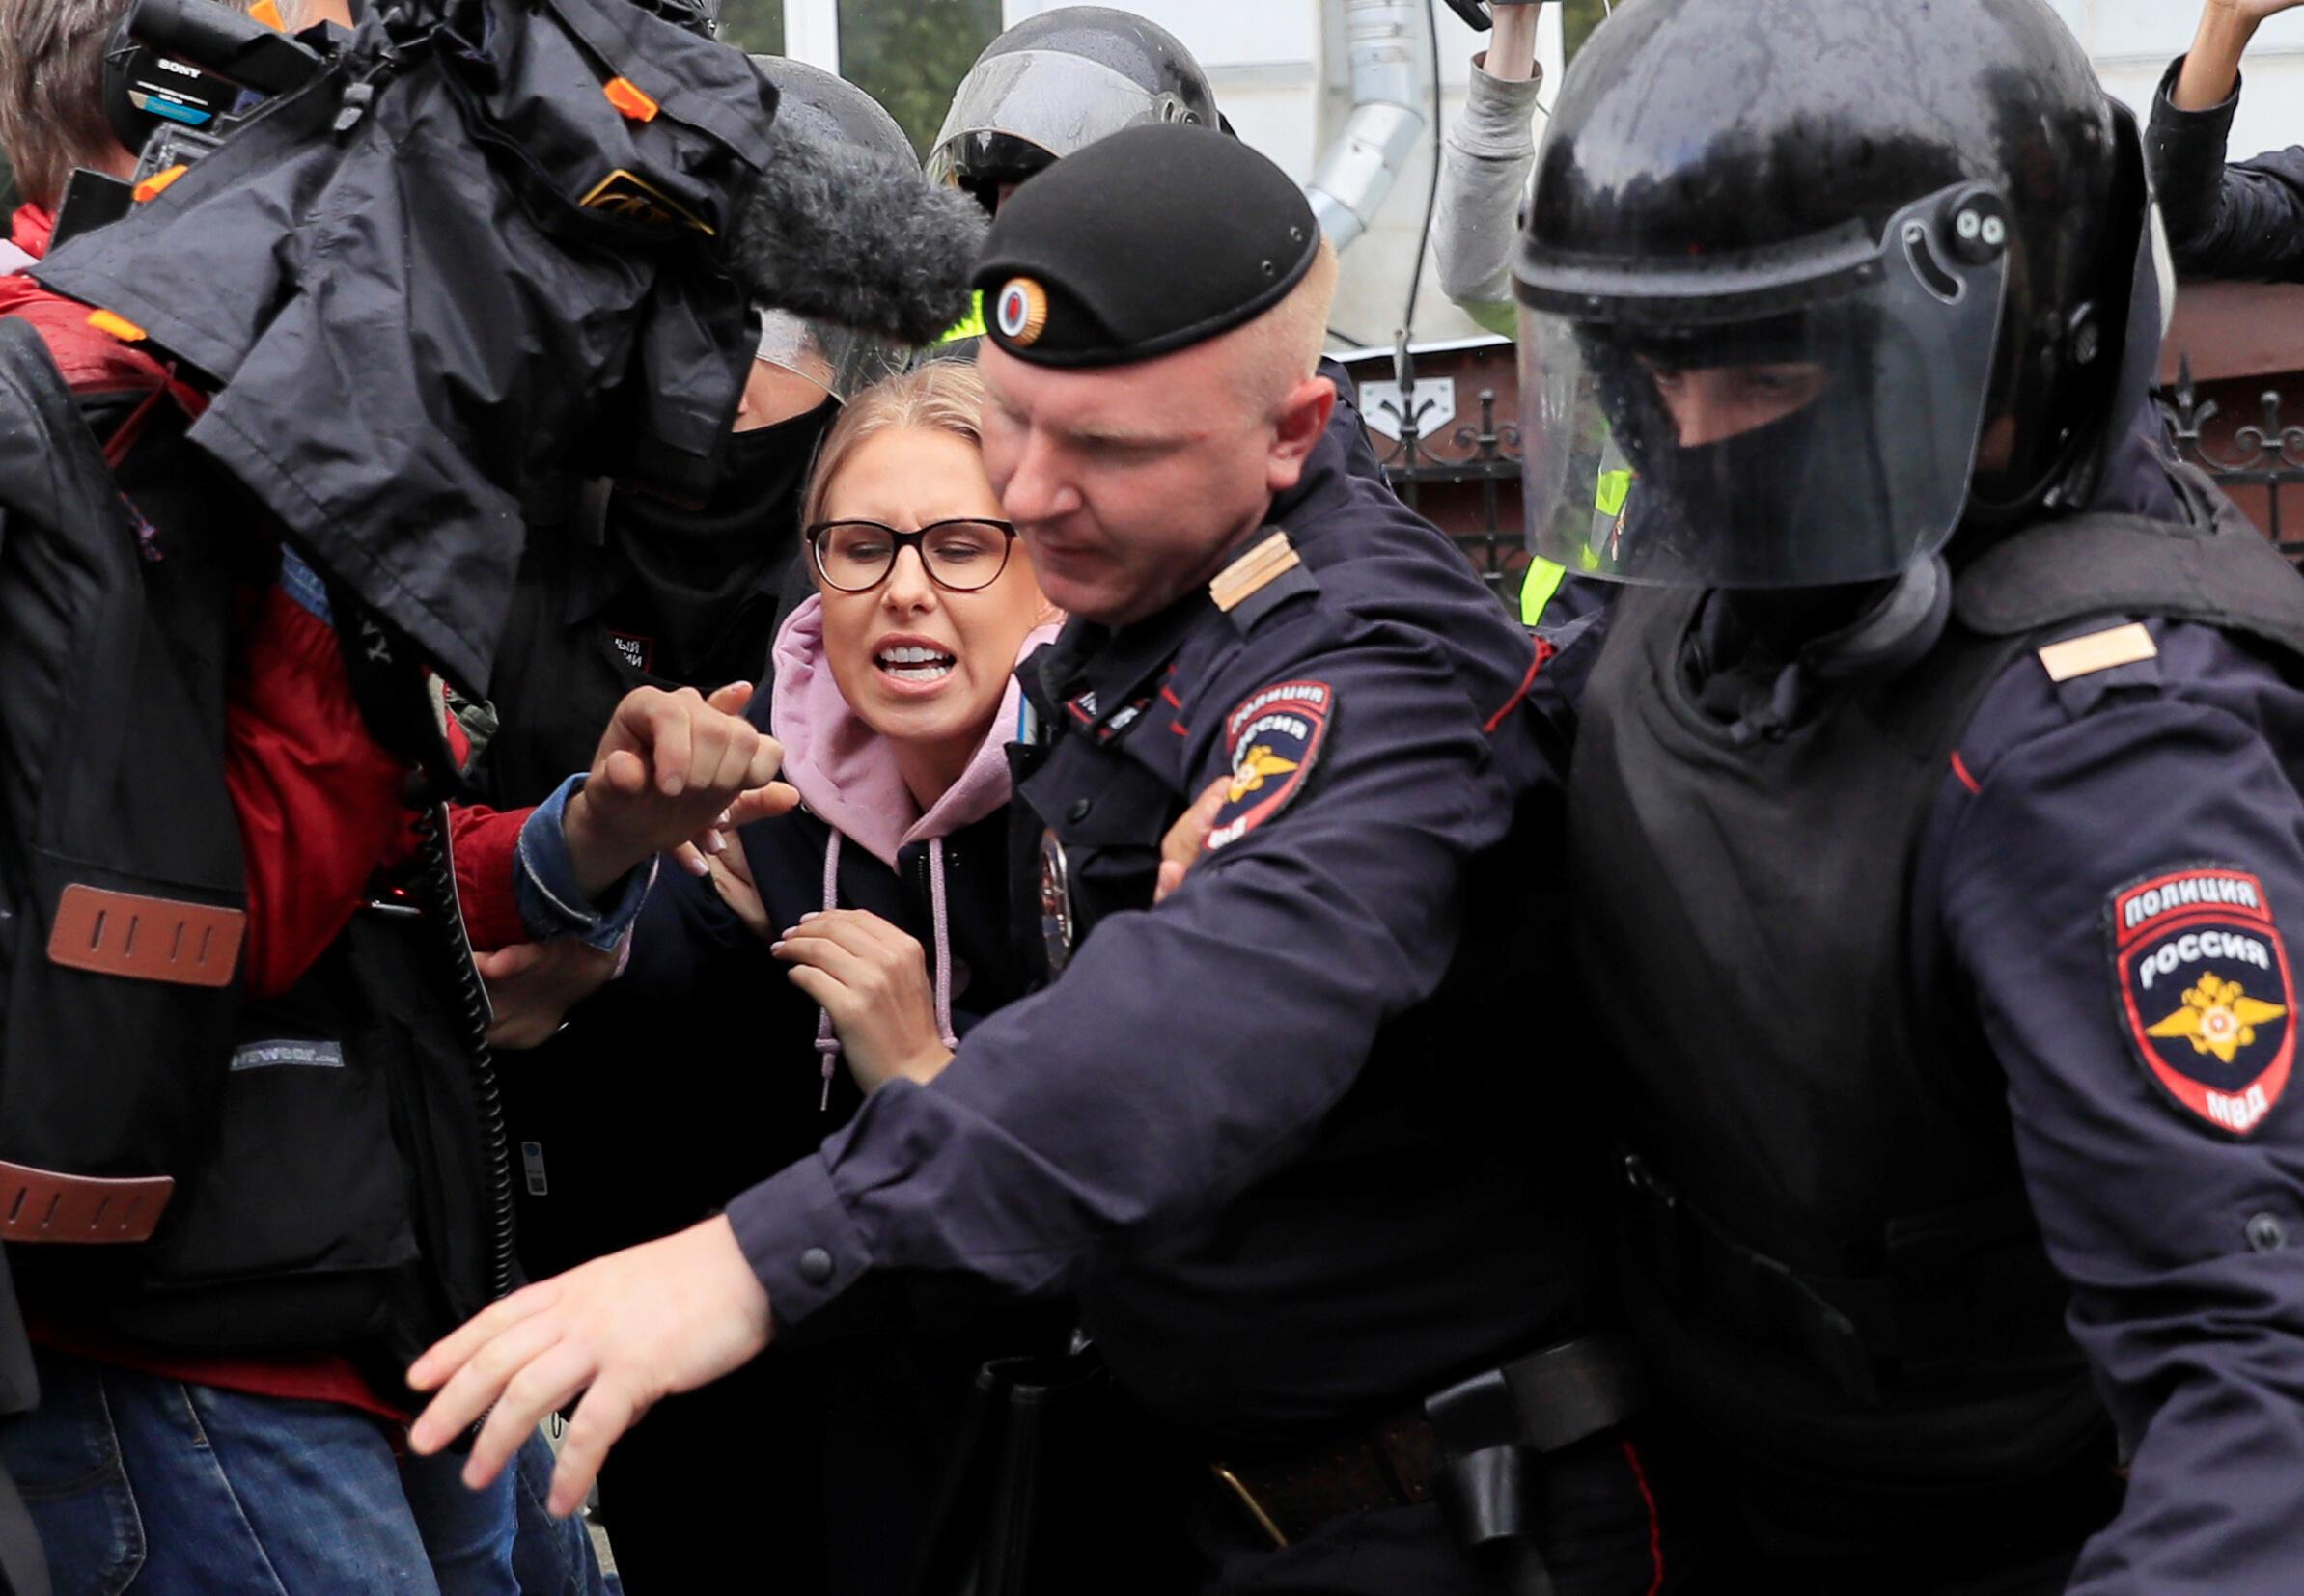 Policiais detêm a oposicionista russa Lyubov Sobol antes mesmo do início da manifestação, no dia 3 de agosto de 2019.